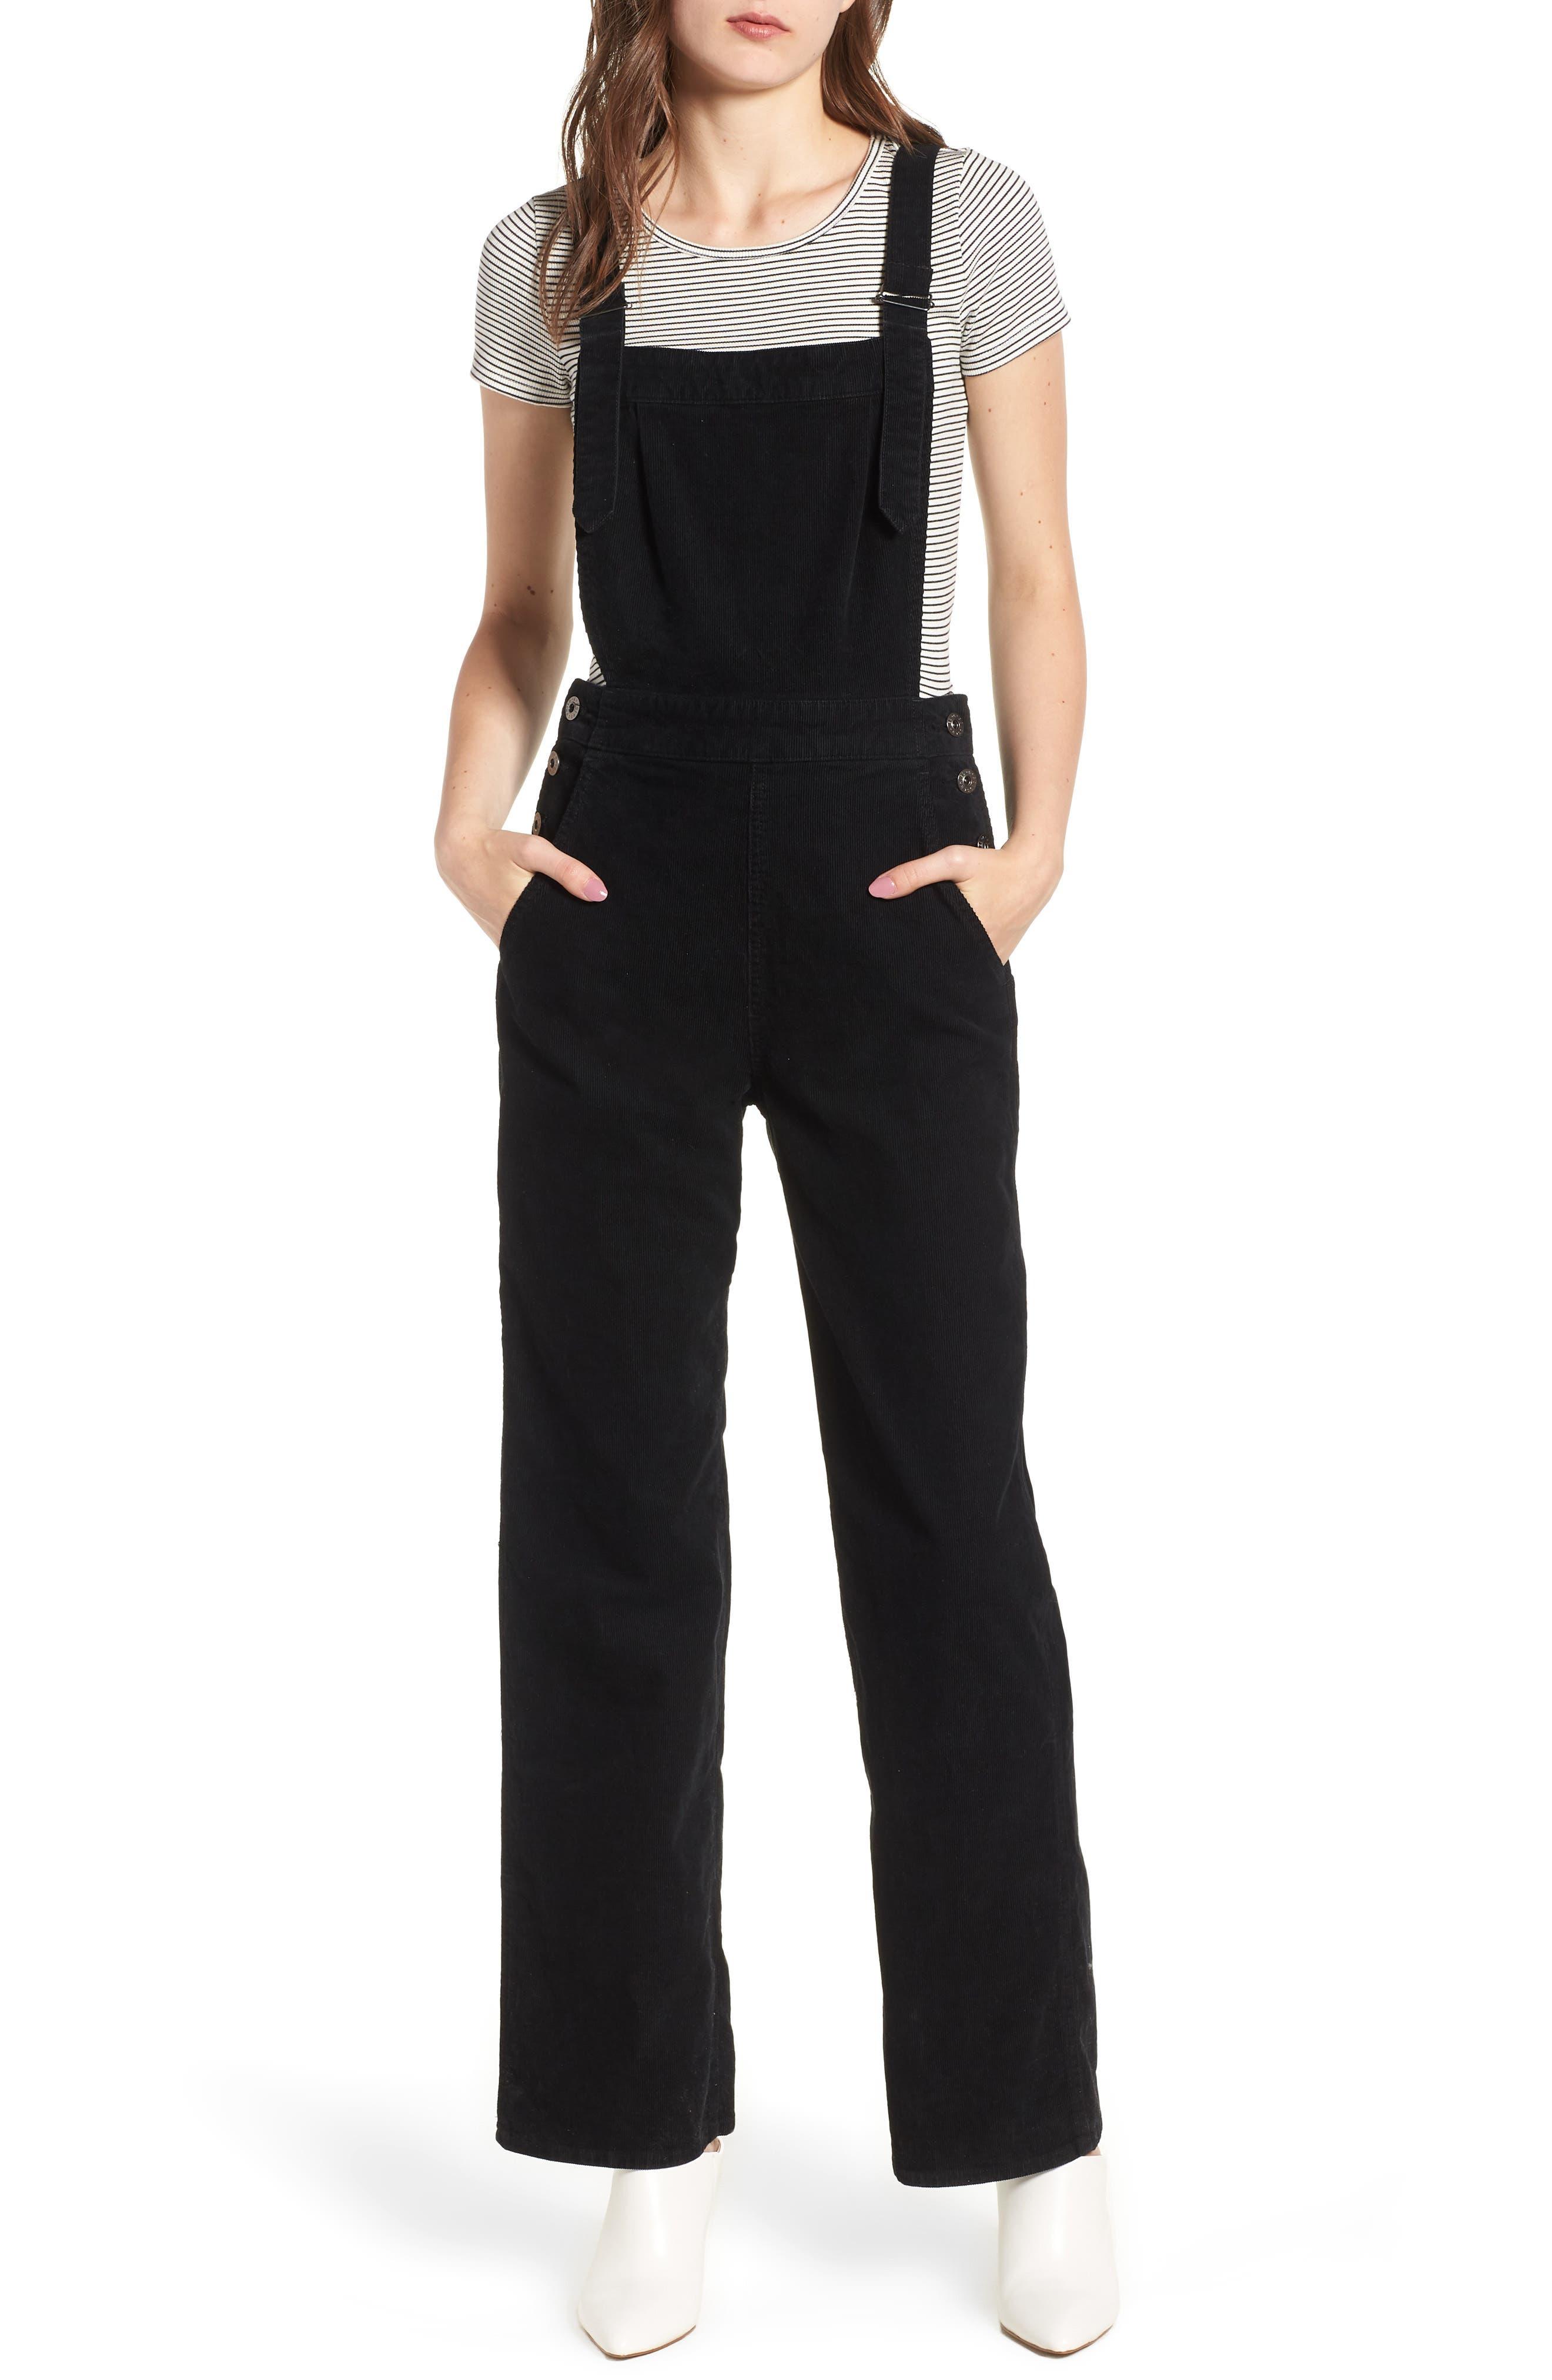 Gwendolyn Corduroy Overalls,                         Main,                         color, SULFUR BLACK